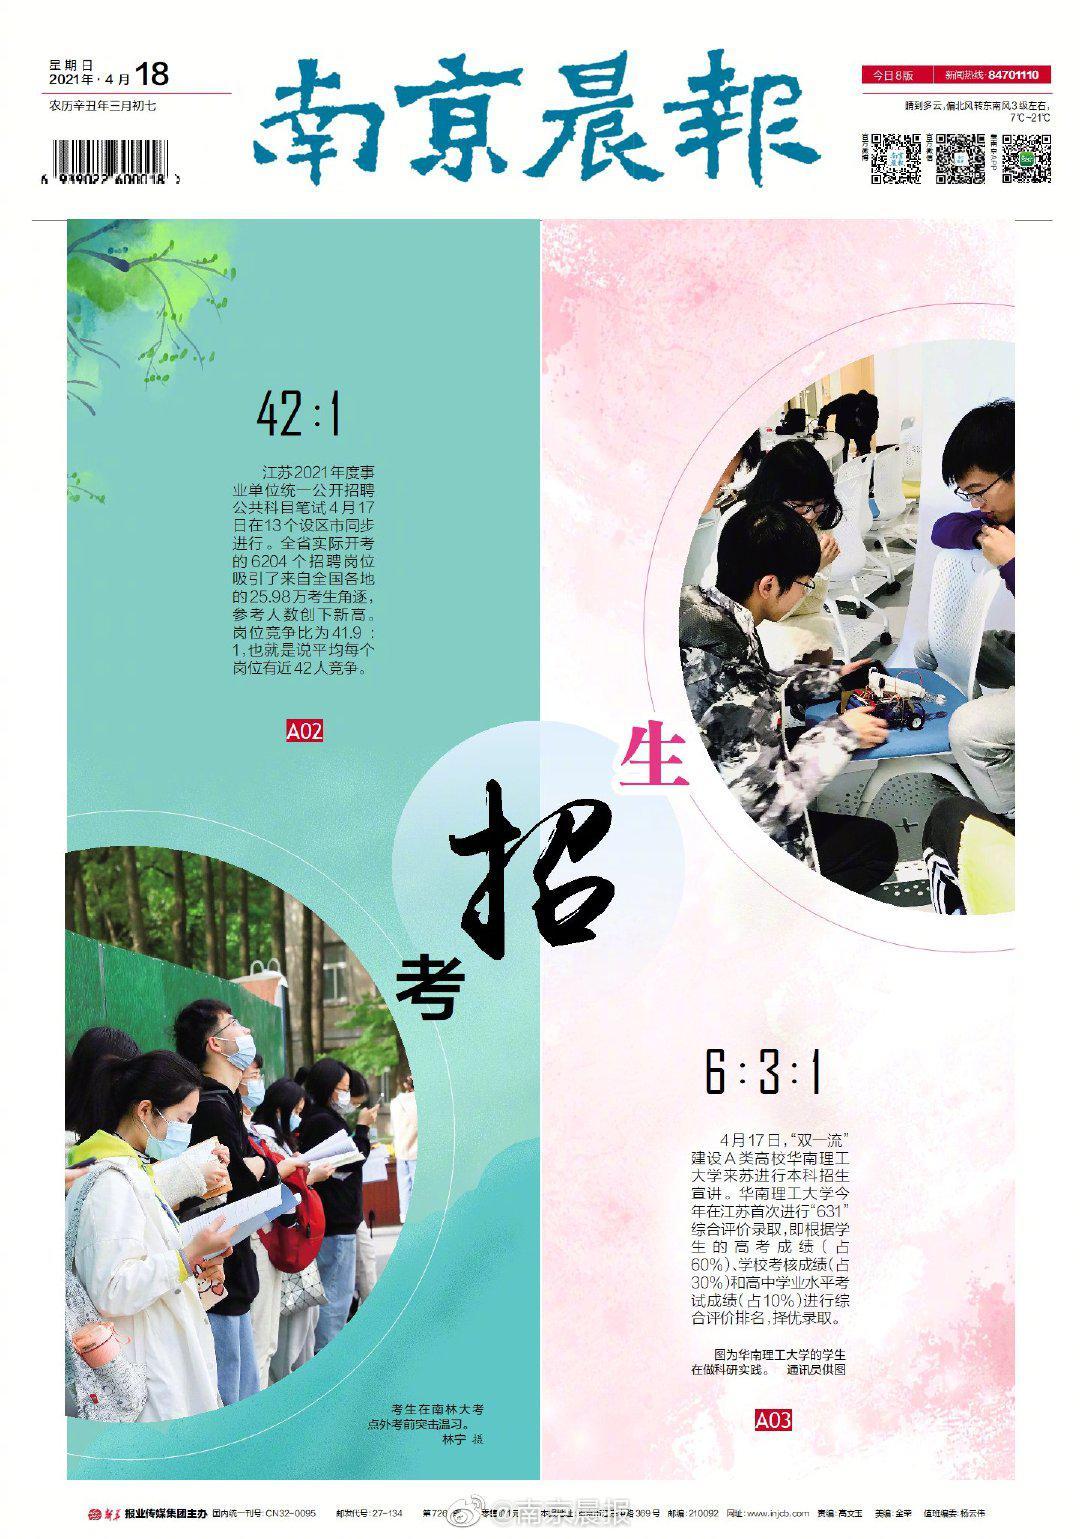 南京晨报4月18日电子版